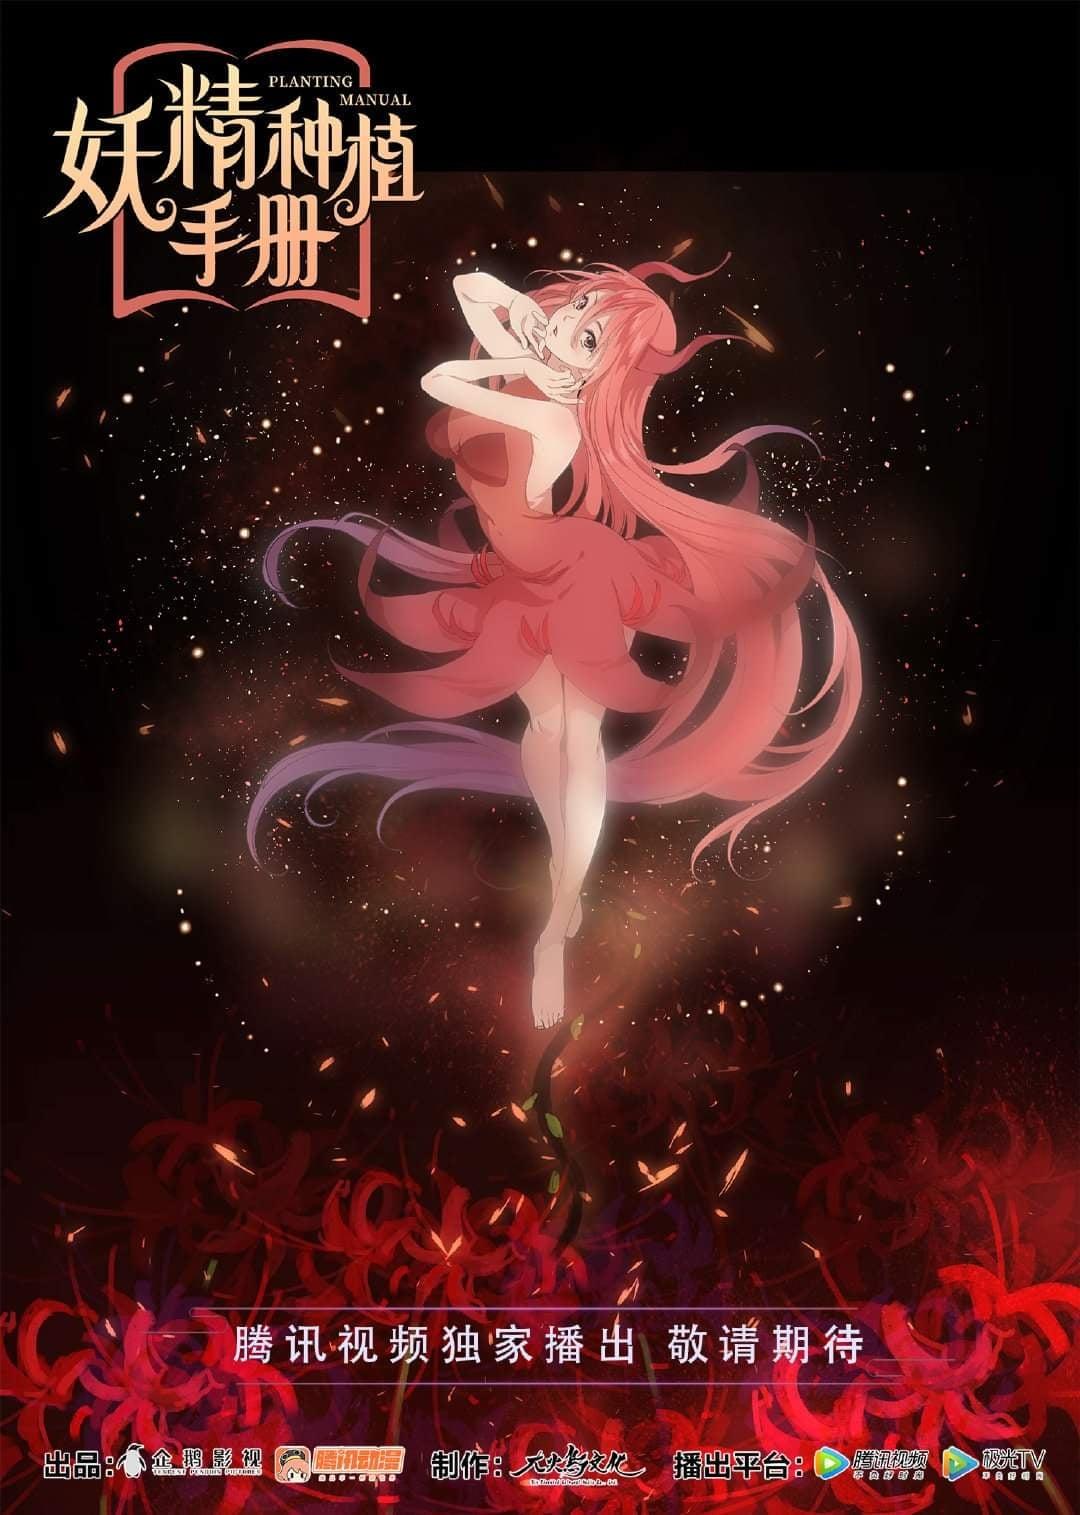 妖精种植手册 (2020)